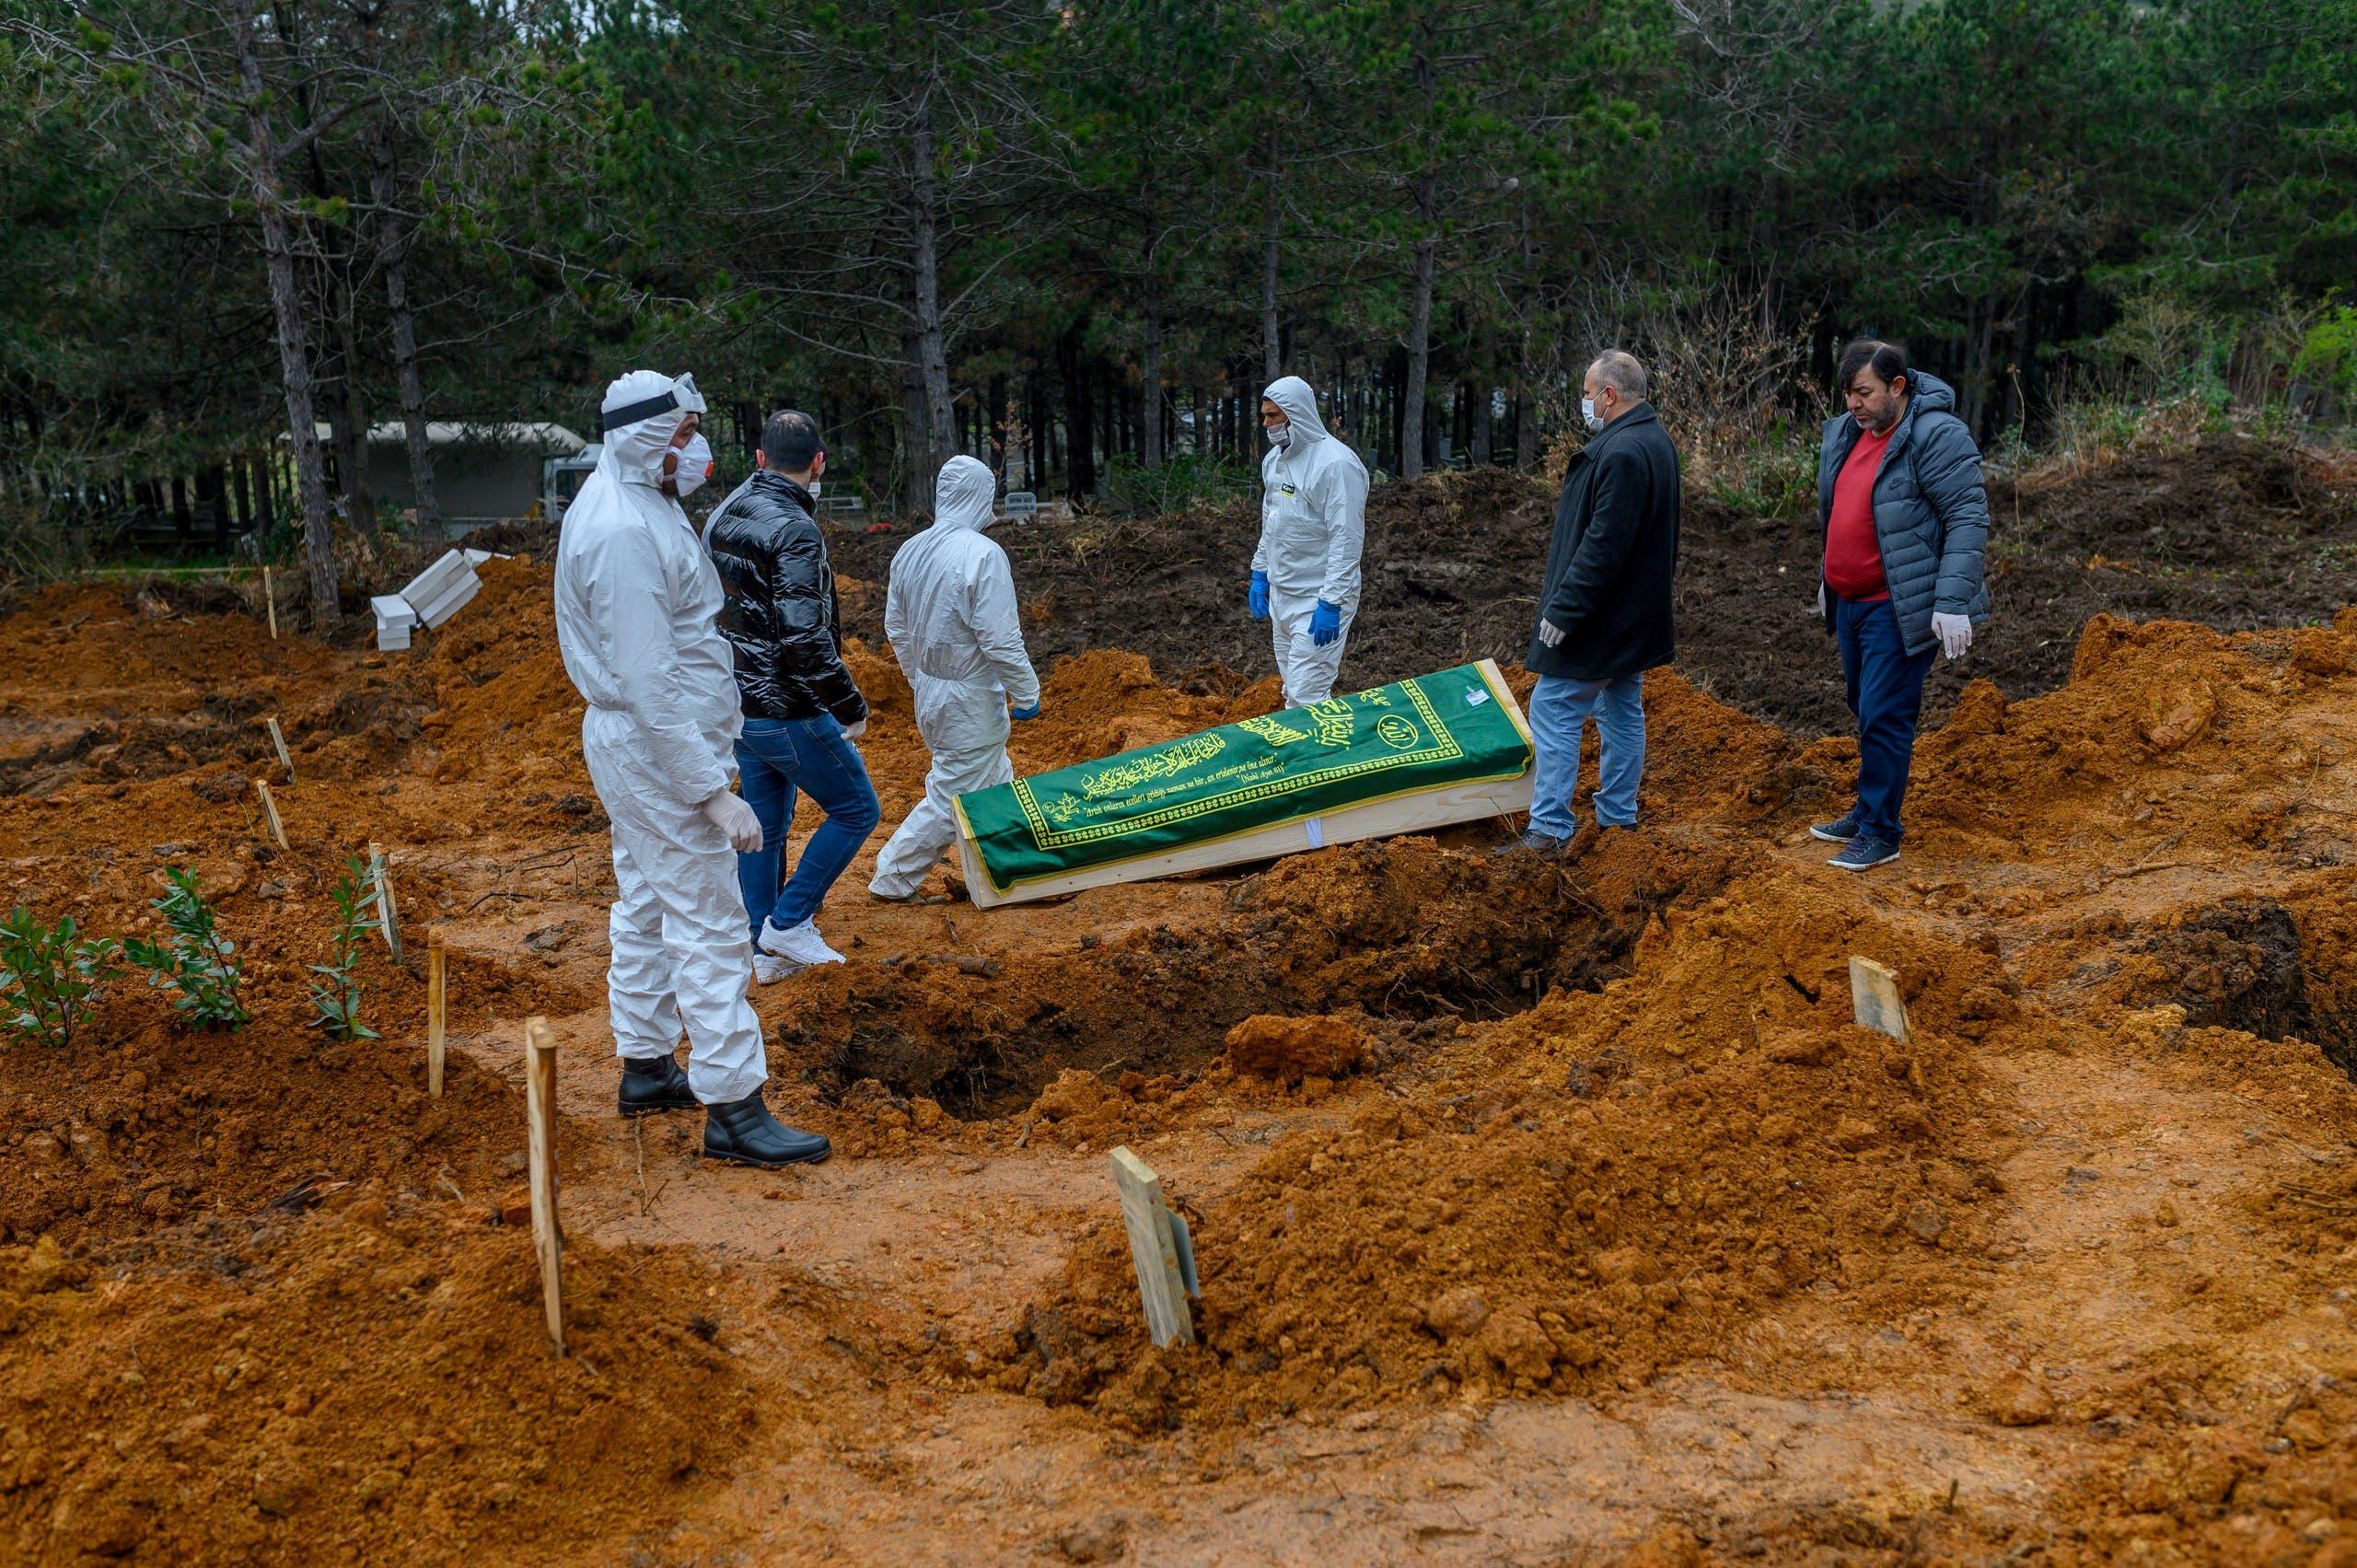 دفن أحد مصابي كورونا في إسطنبول (أرشيفية - فرانس برس)